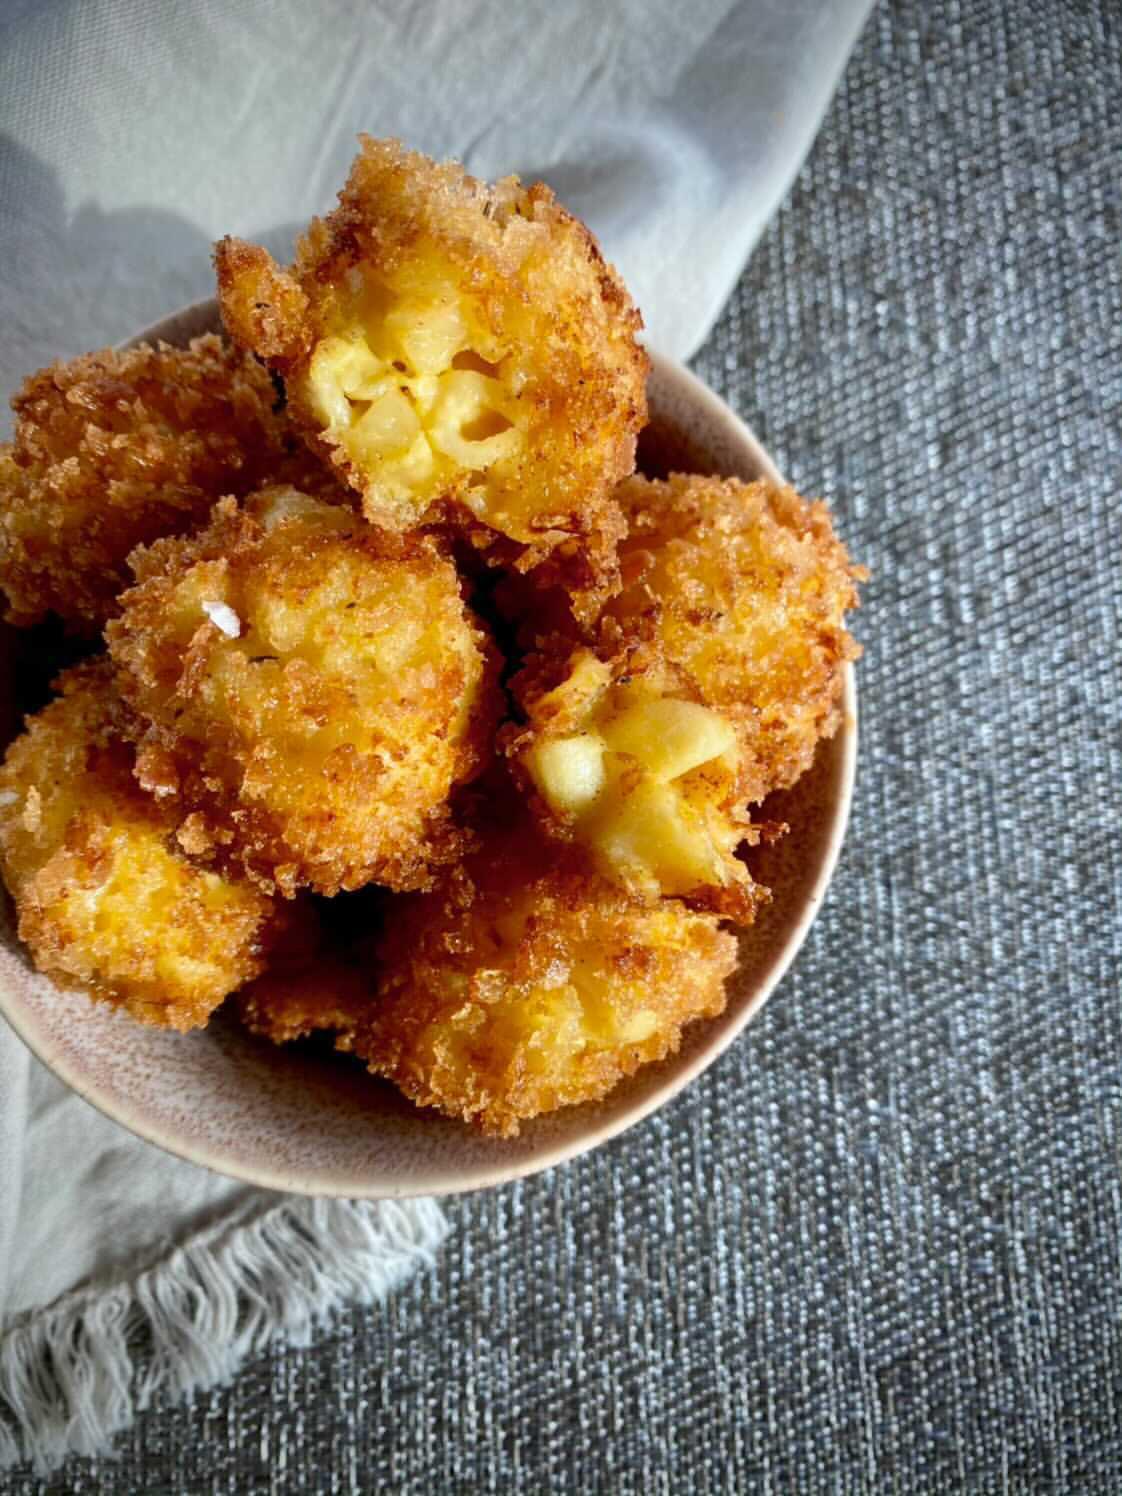 Fried Mac N Cheese Bites